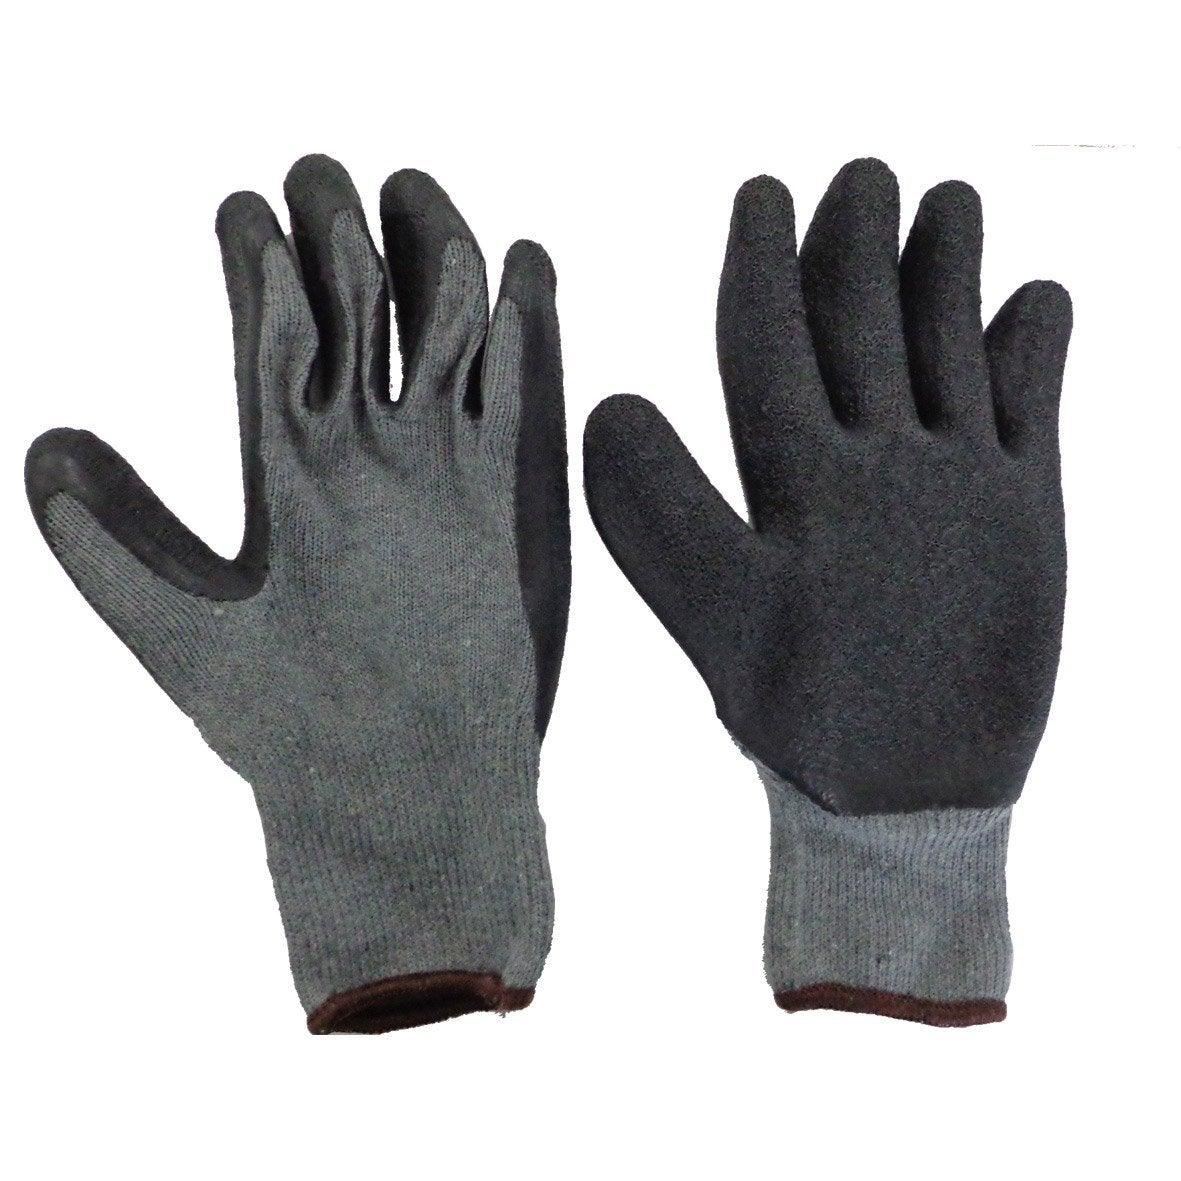 gants de manutention gros travaux dexter taille 11 xxl. Black Bedroom Furniture Sets. Home Design Ideas